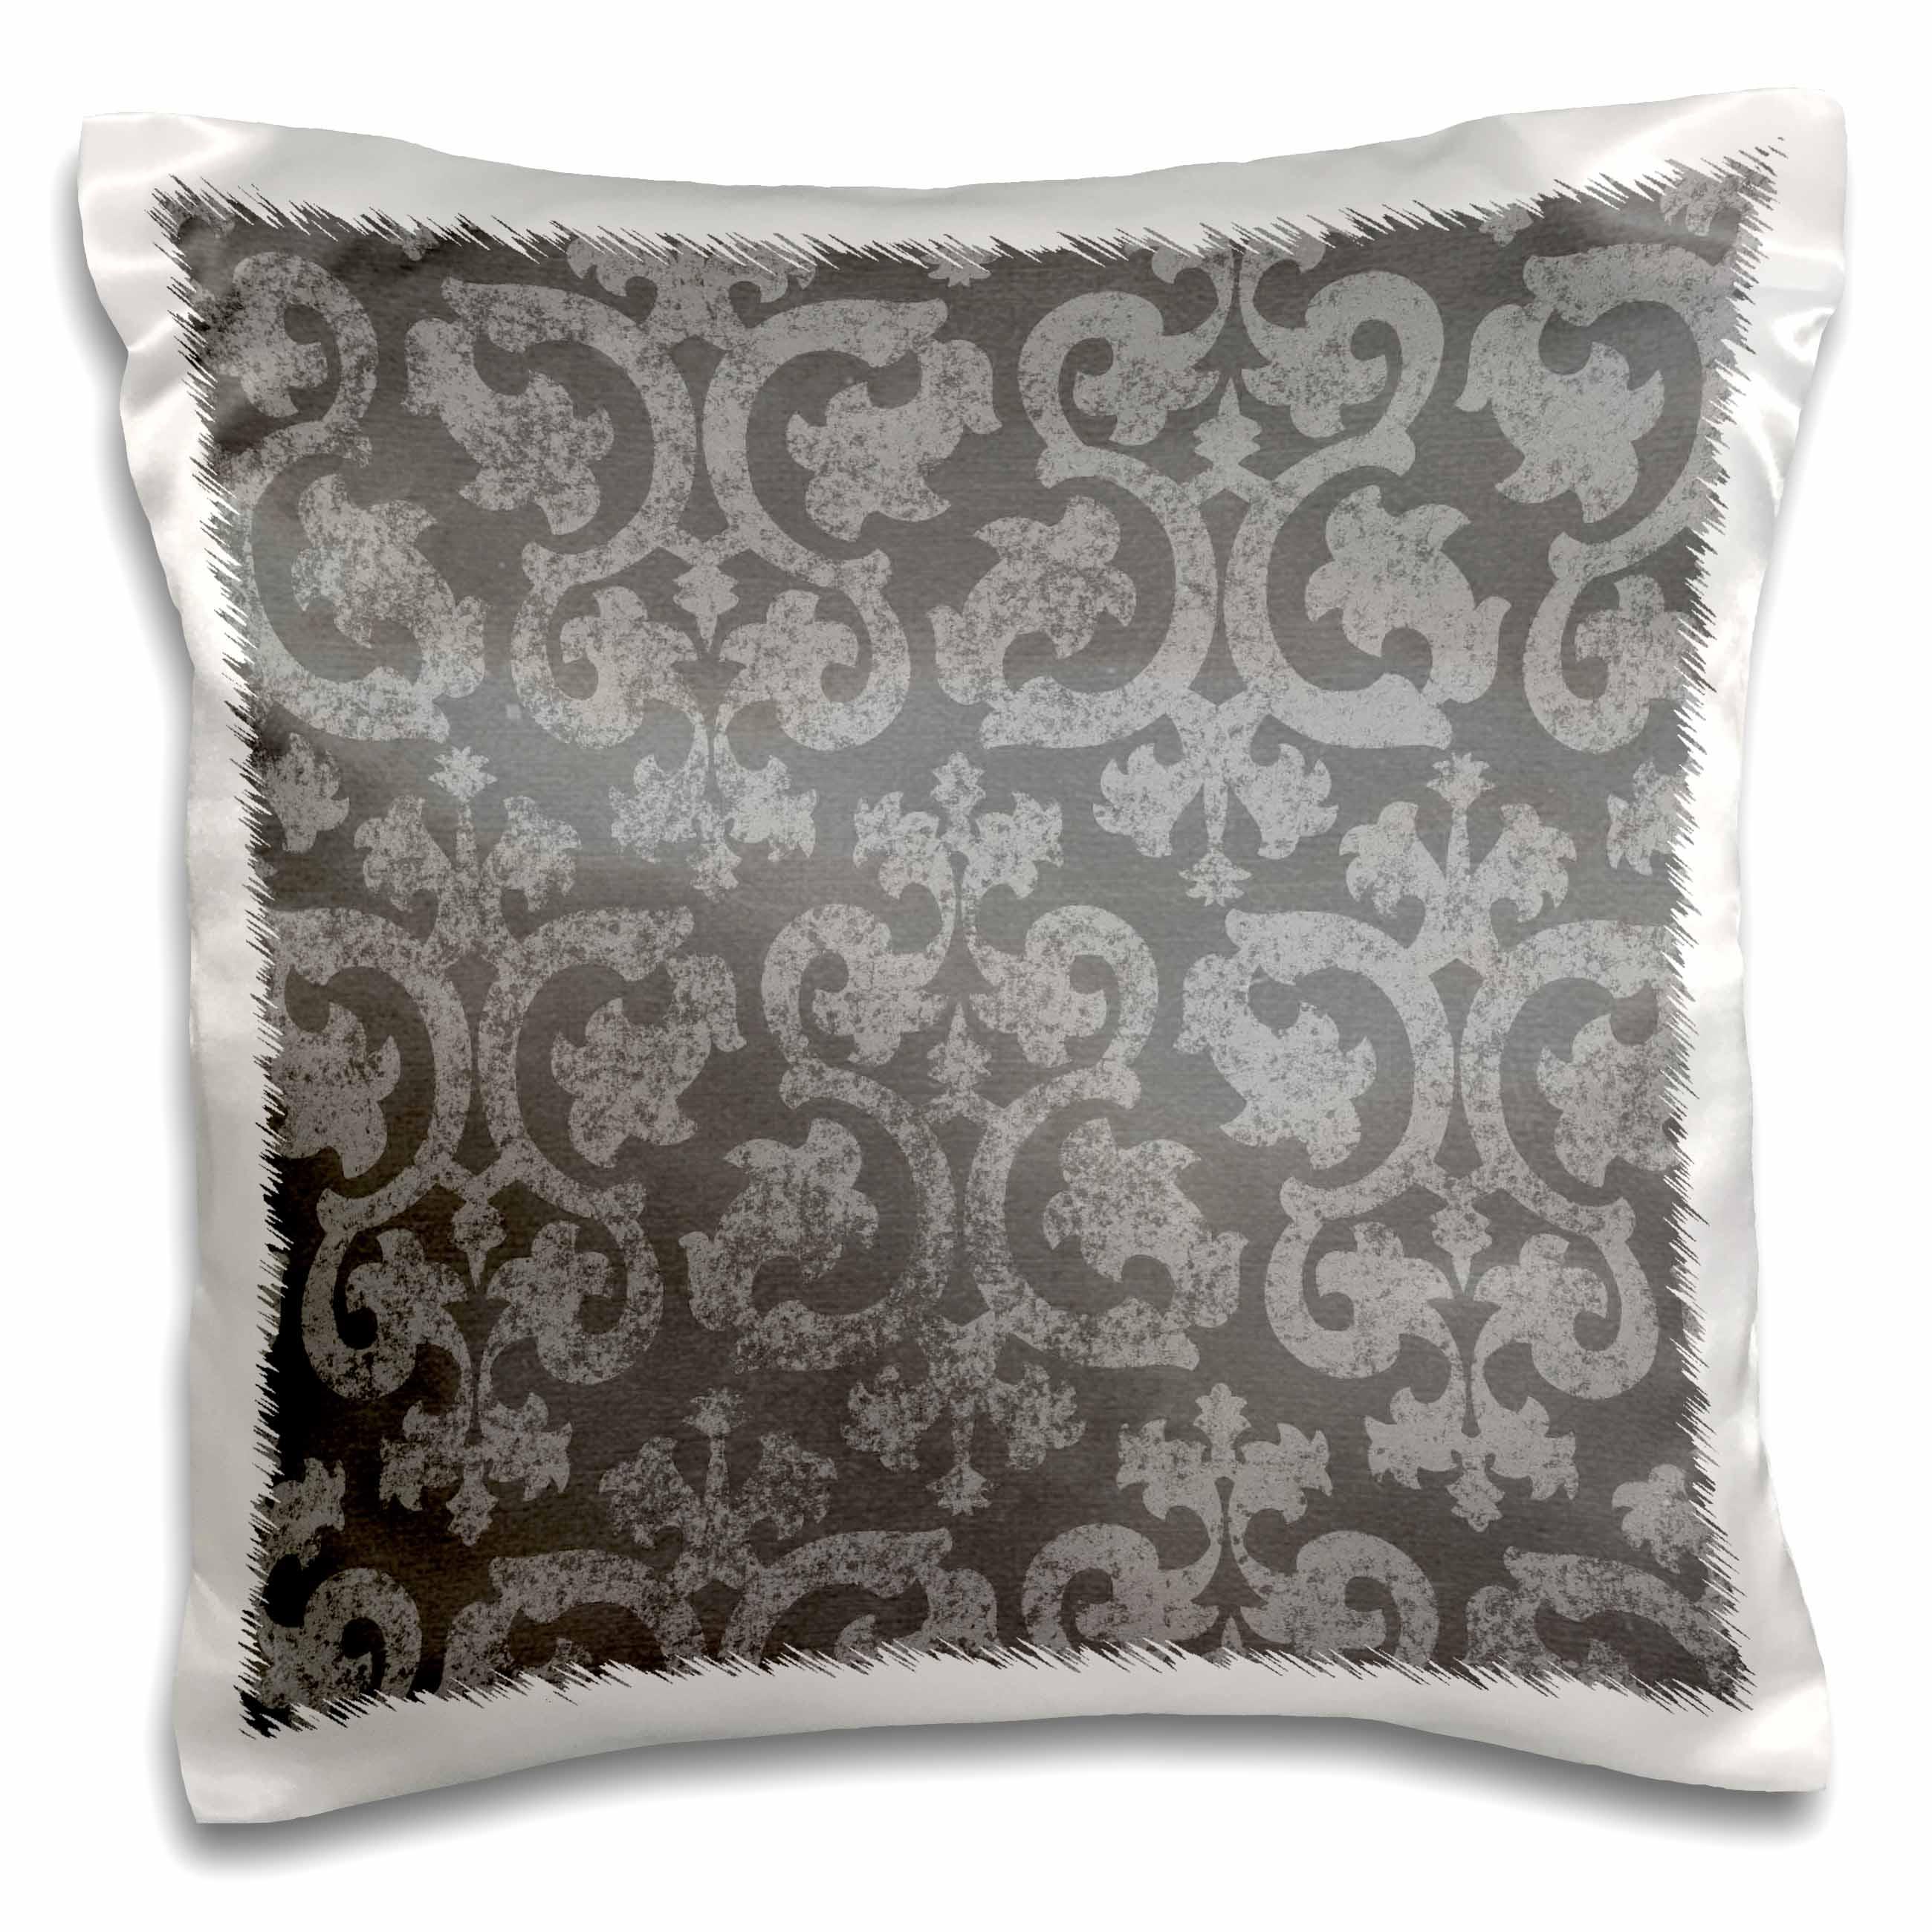 3dRose Grunge dark gray damask - silver grey faded antique vintage swirls wallpaper fancy swirling pattern, Pillow Case, 16 by 16-inch